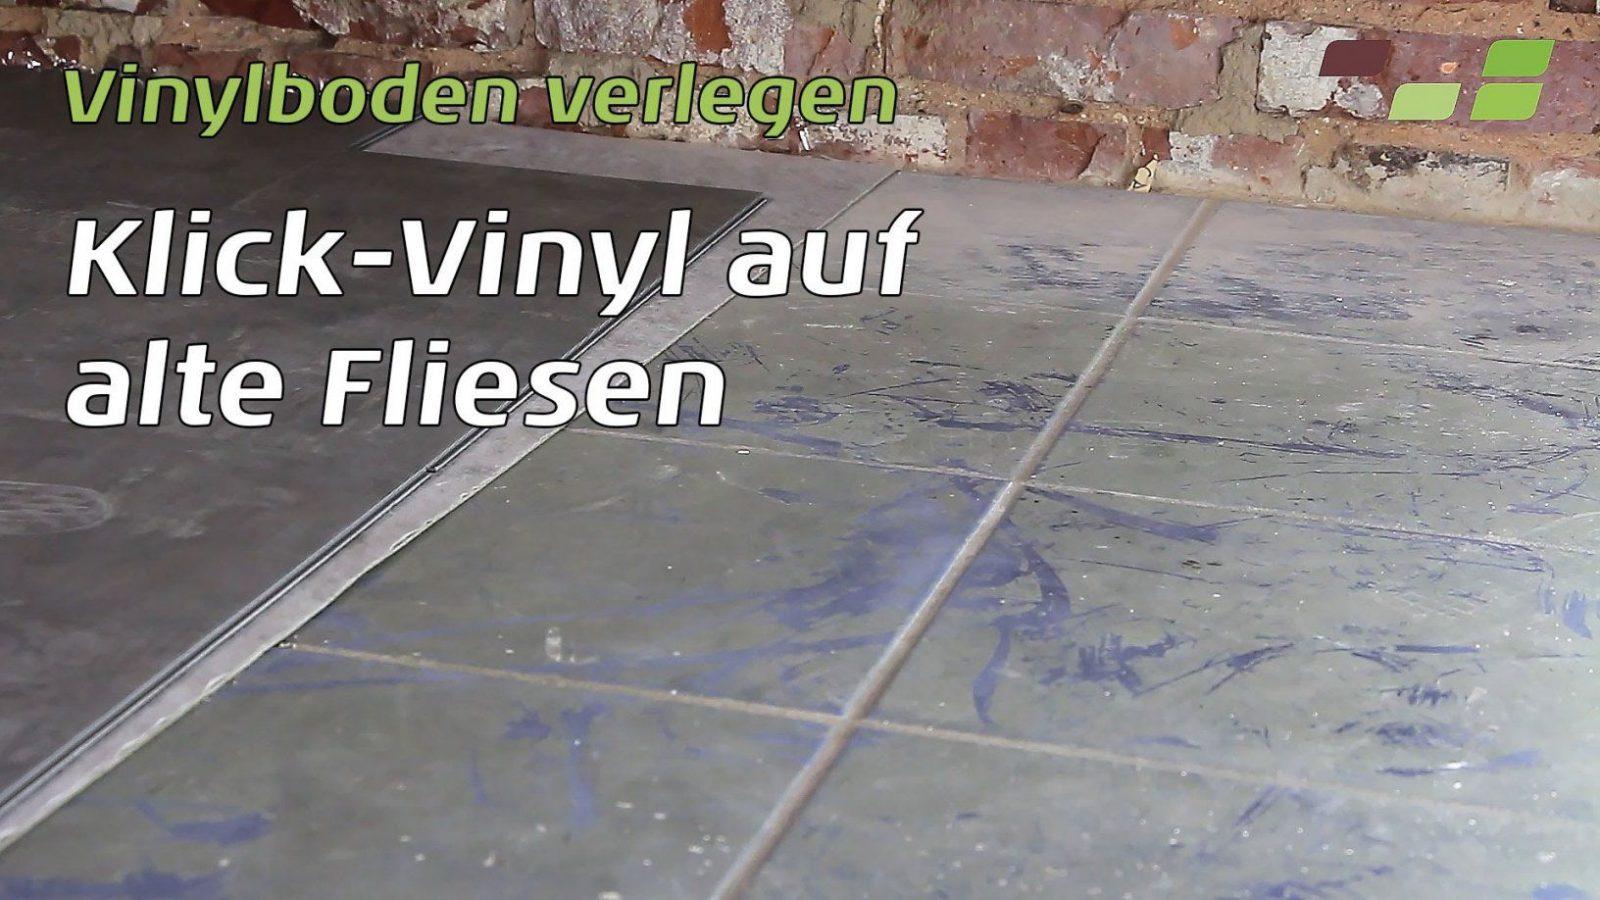 Vinylboden Auf Fliesen Verlegen Planeo Klickvinyl  Youtube von Klick Vinyl Auf Fliesen Legen Bild